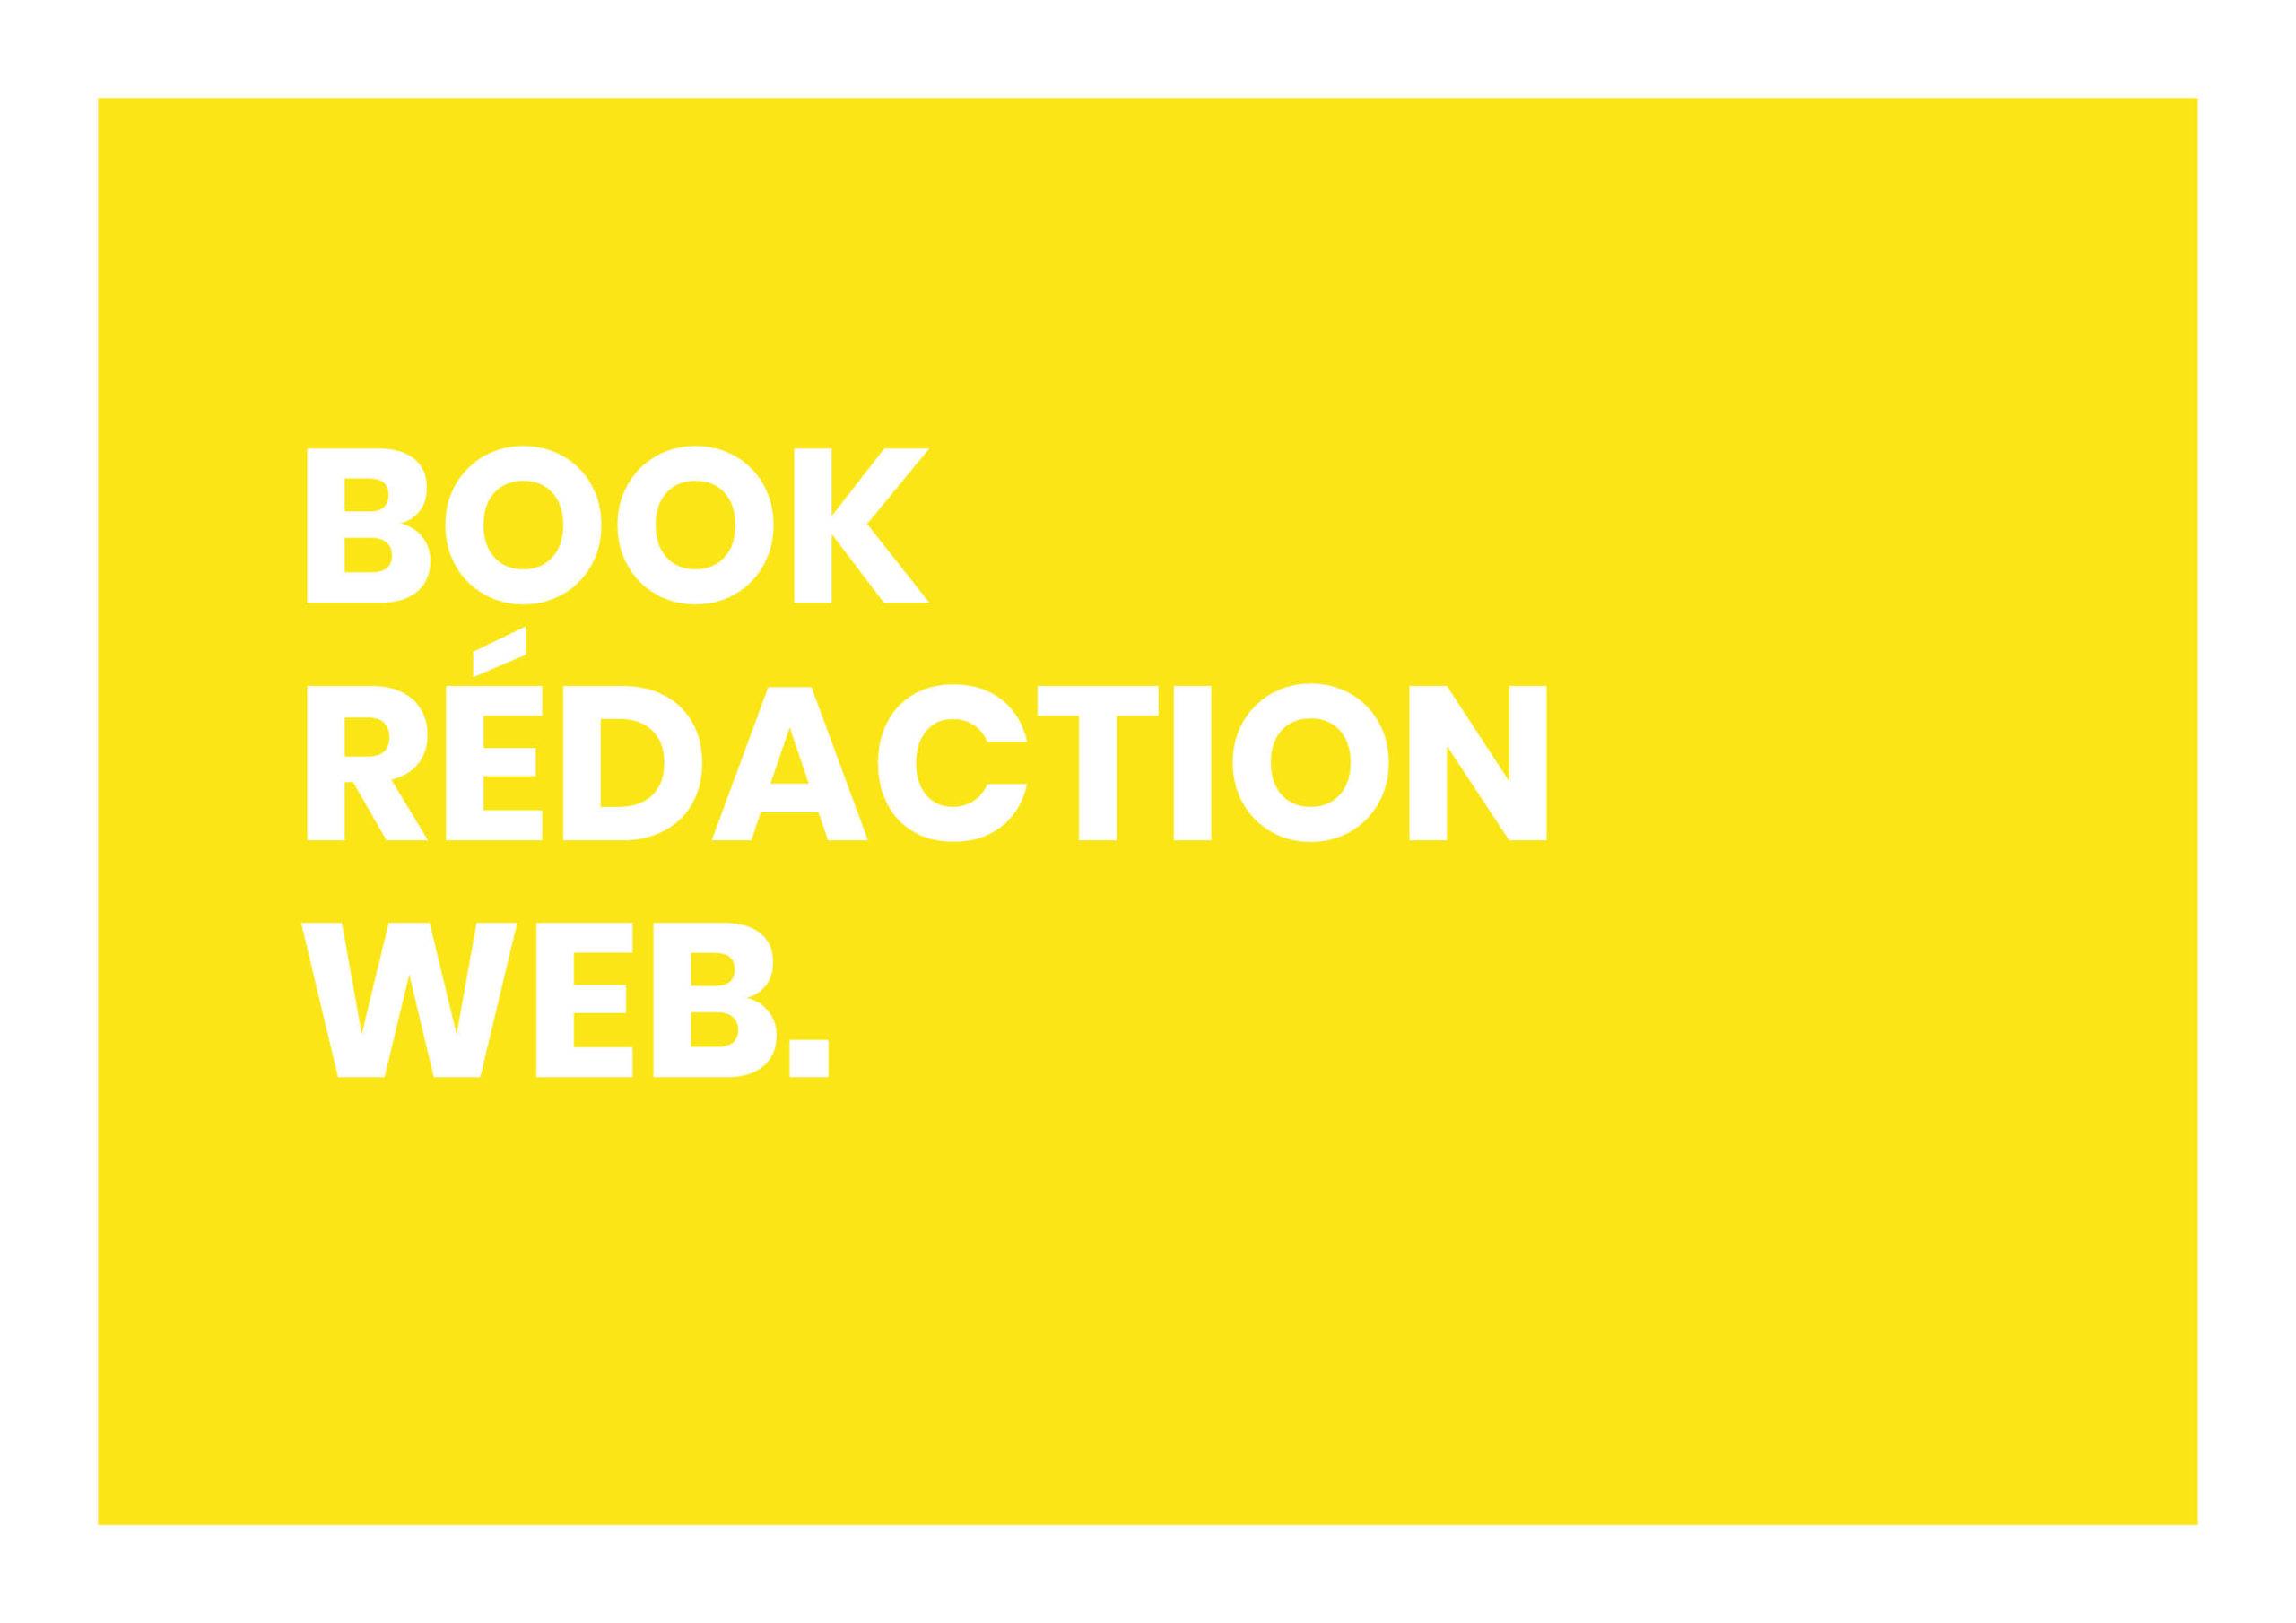 book rédaction web le mot magique